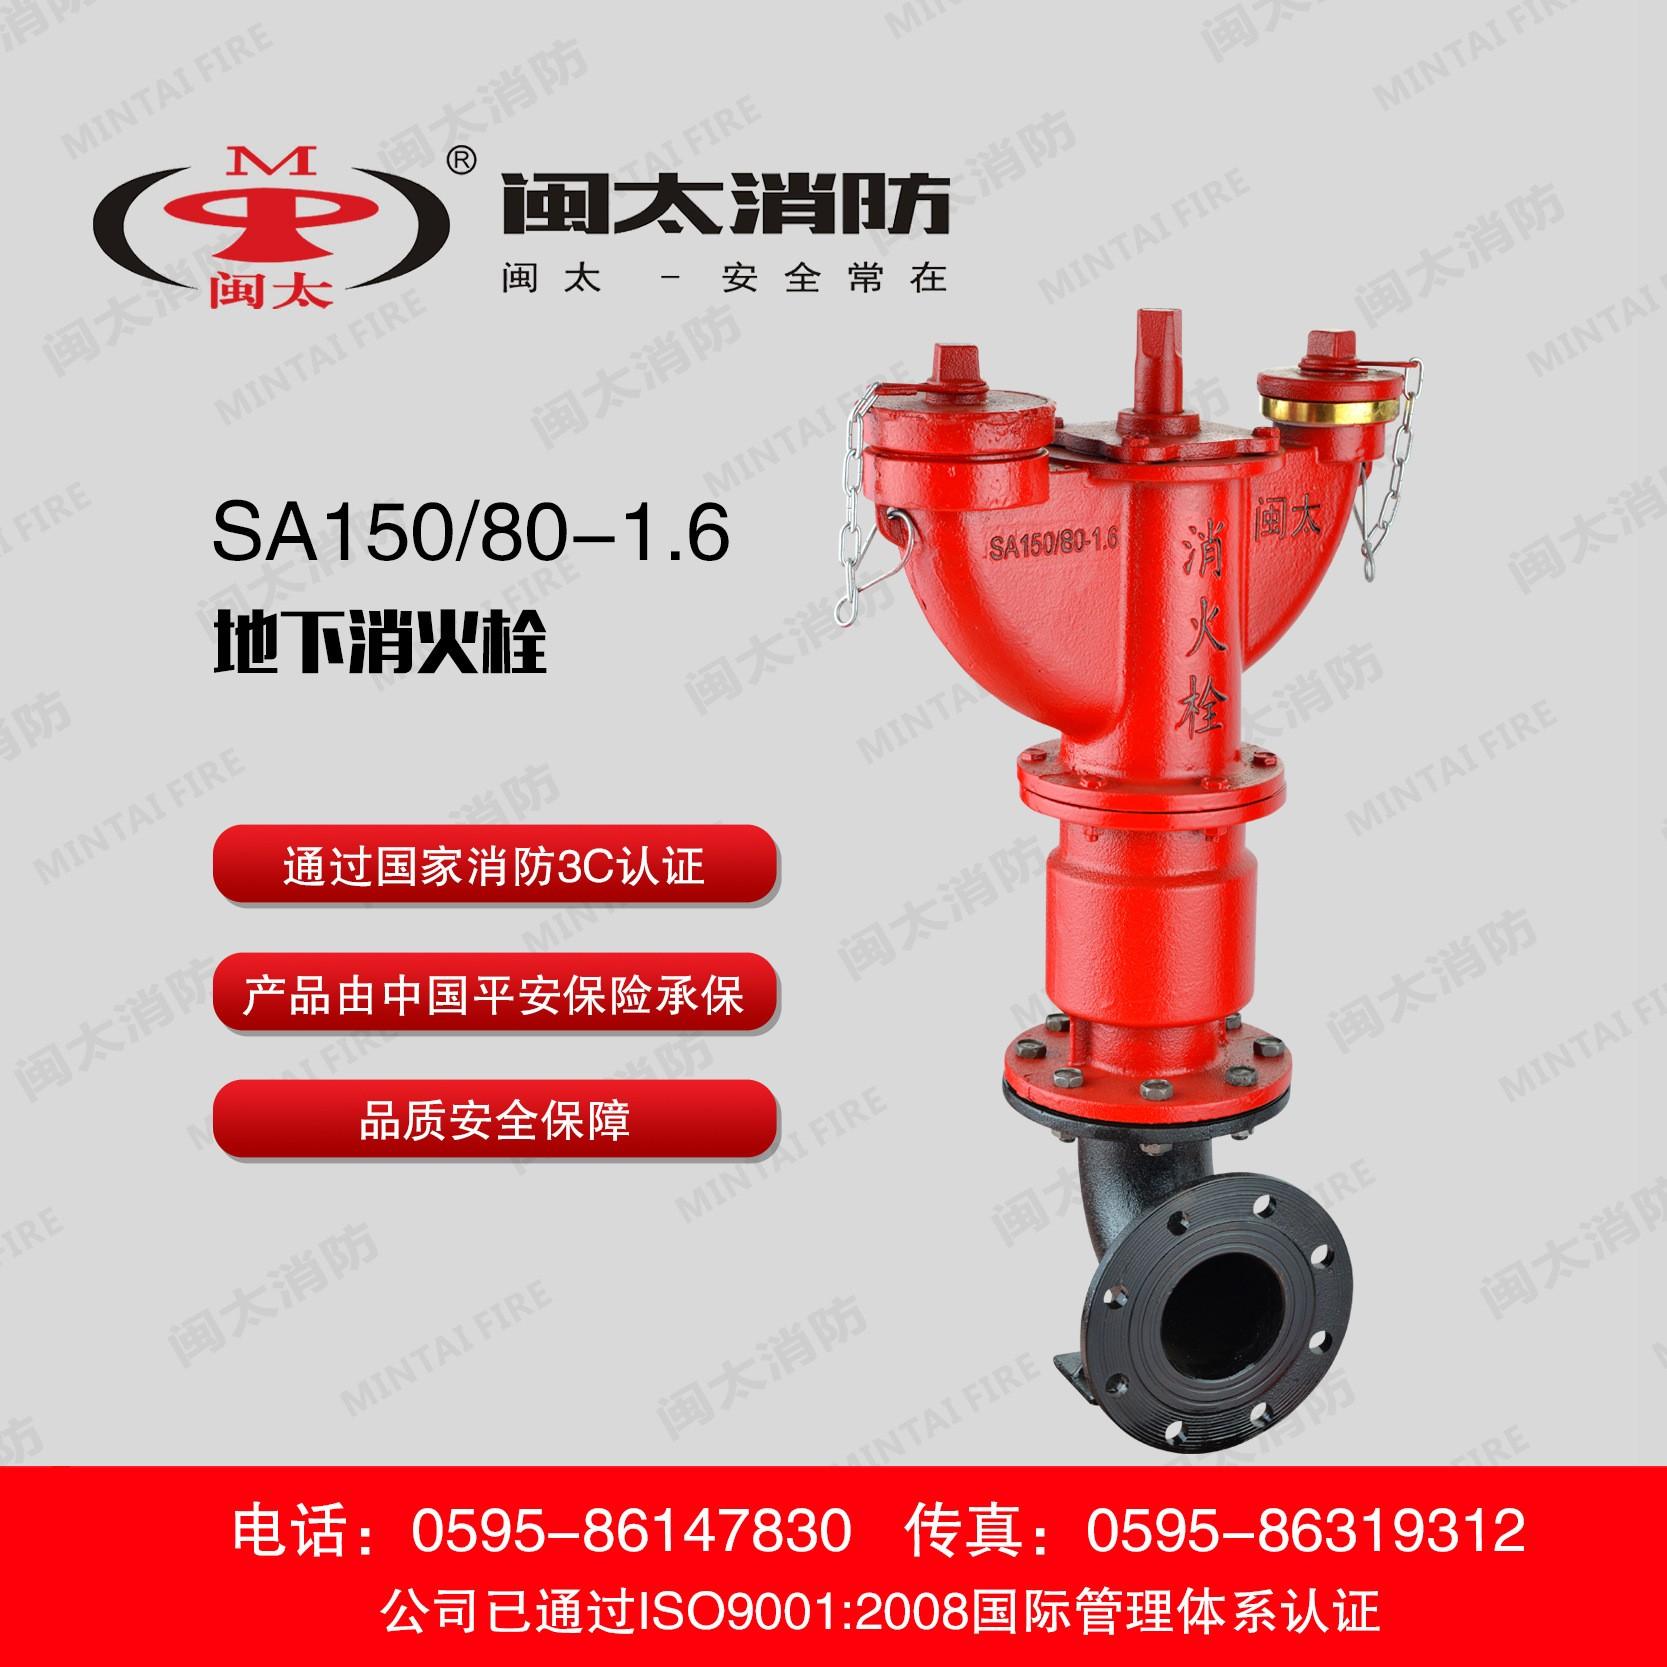 闽太消防器材厂家直销各种消火栓 室外消防栓 地下消防栓